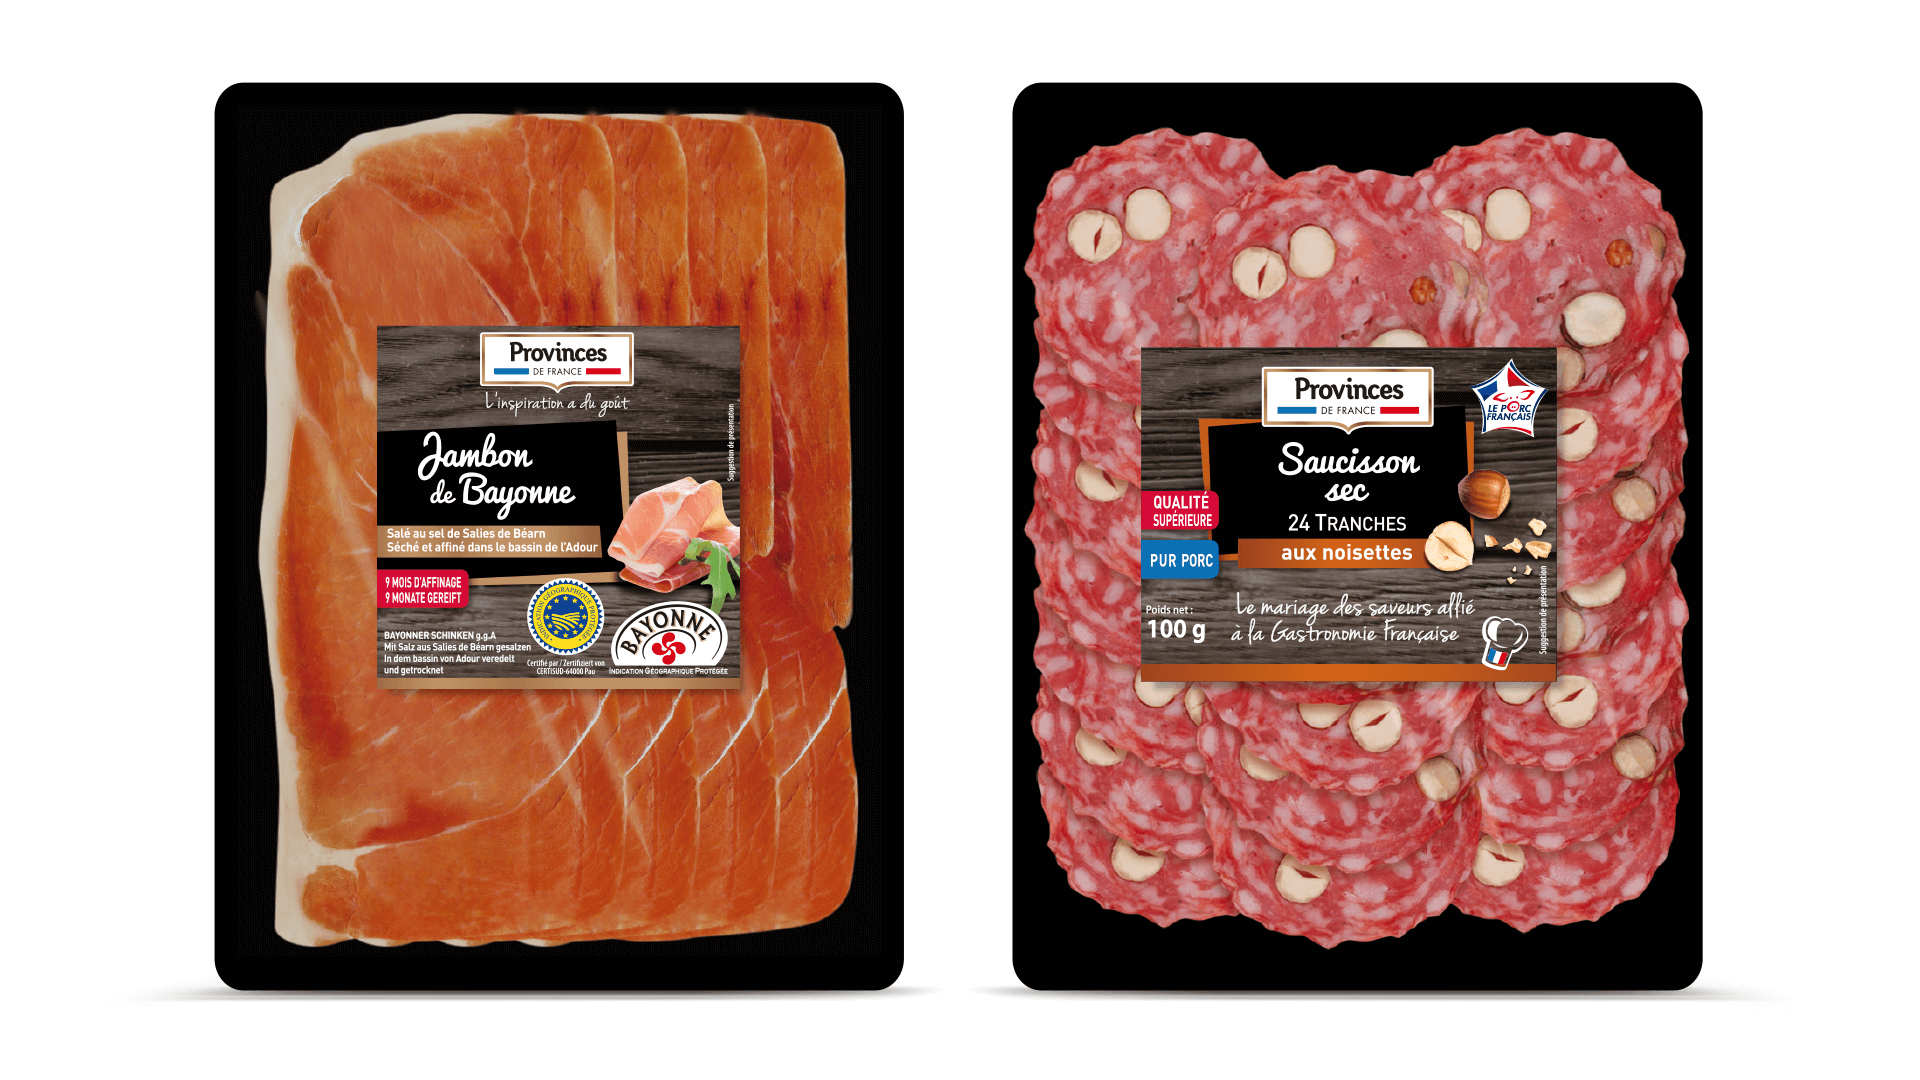 deux packs de Charcupac pour Provinces de France